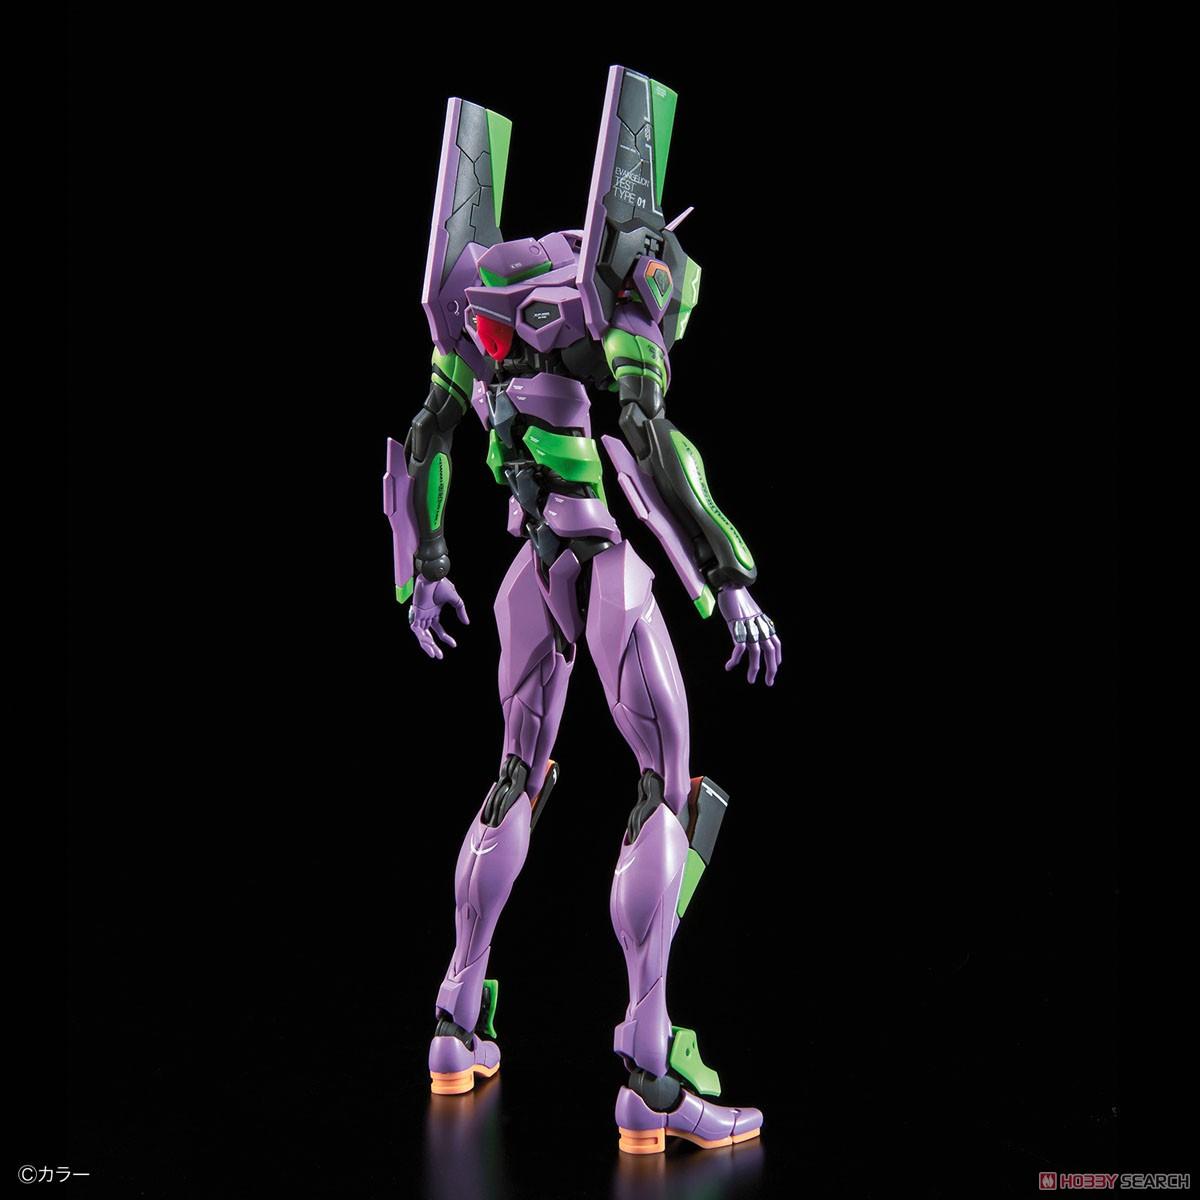 【8月再販】RG『汎用ヒト型決戦兵器 人造人間エヴァンゲリオン初号機』プラモデル-007